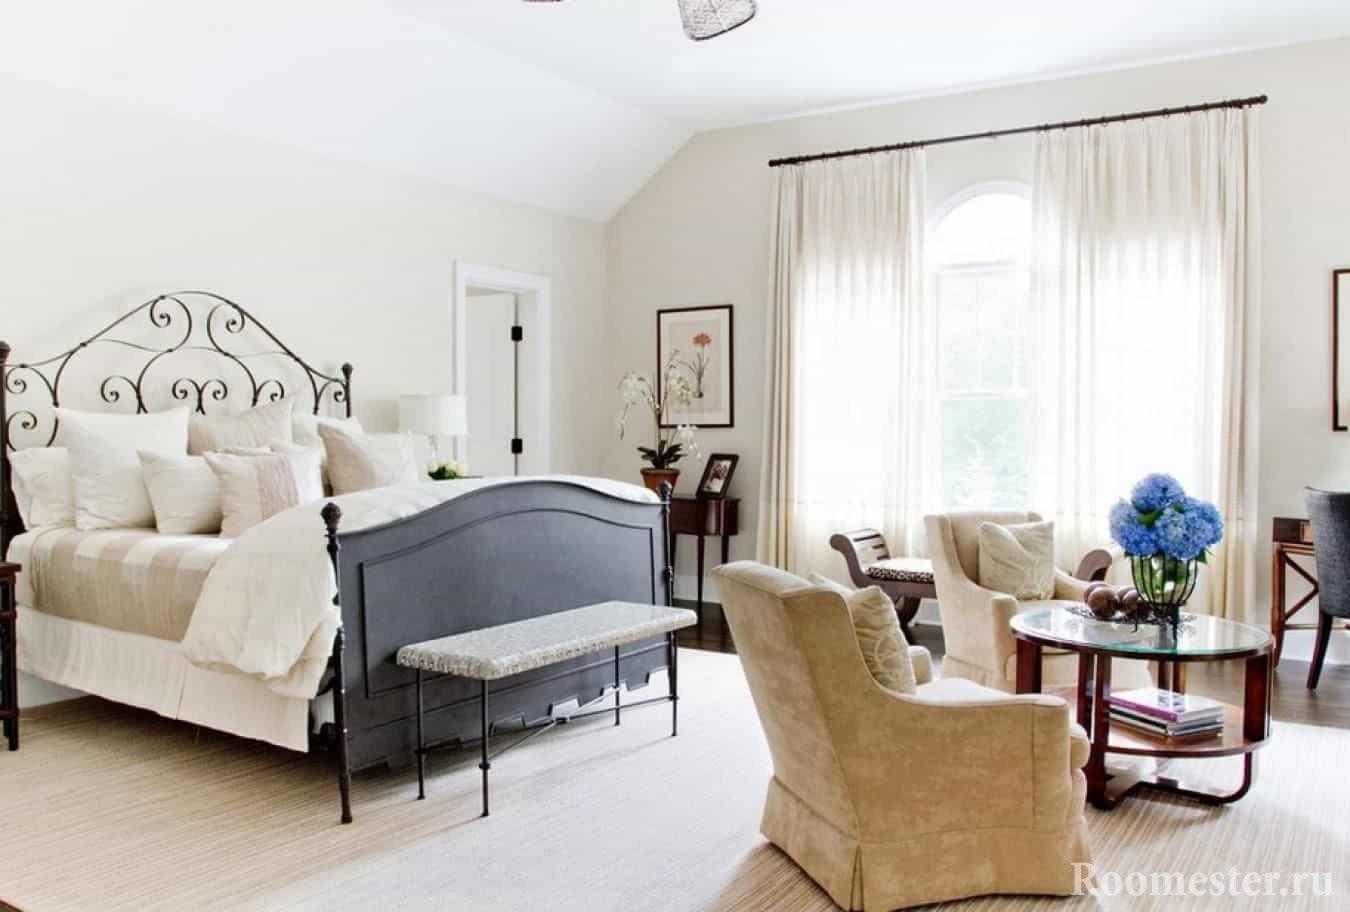 Удачная подборка мебели под кованную кровать в классическом стиле